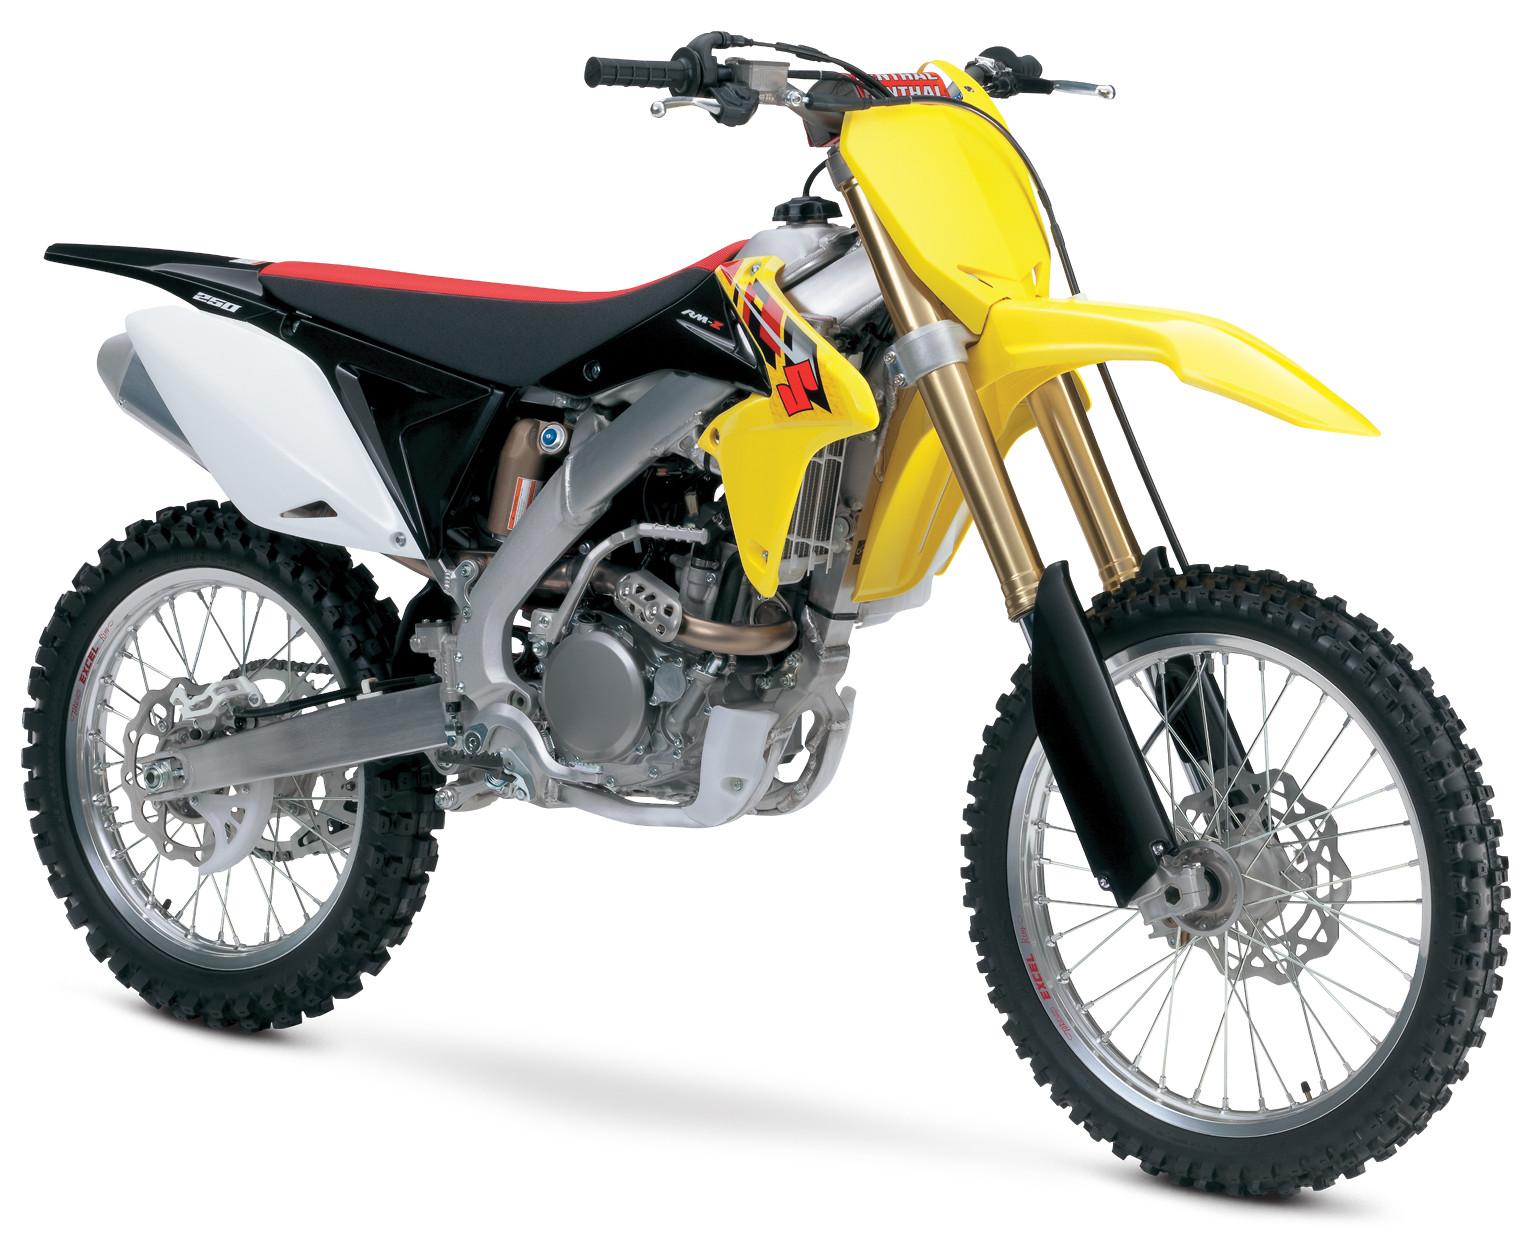 2013 Suzuki RM-Z250